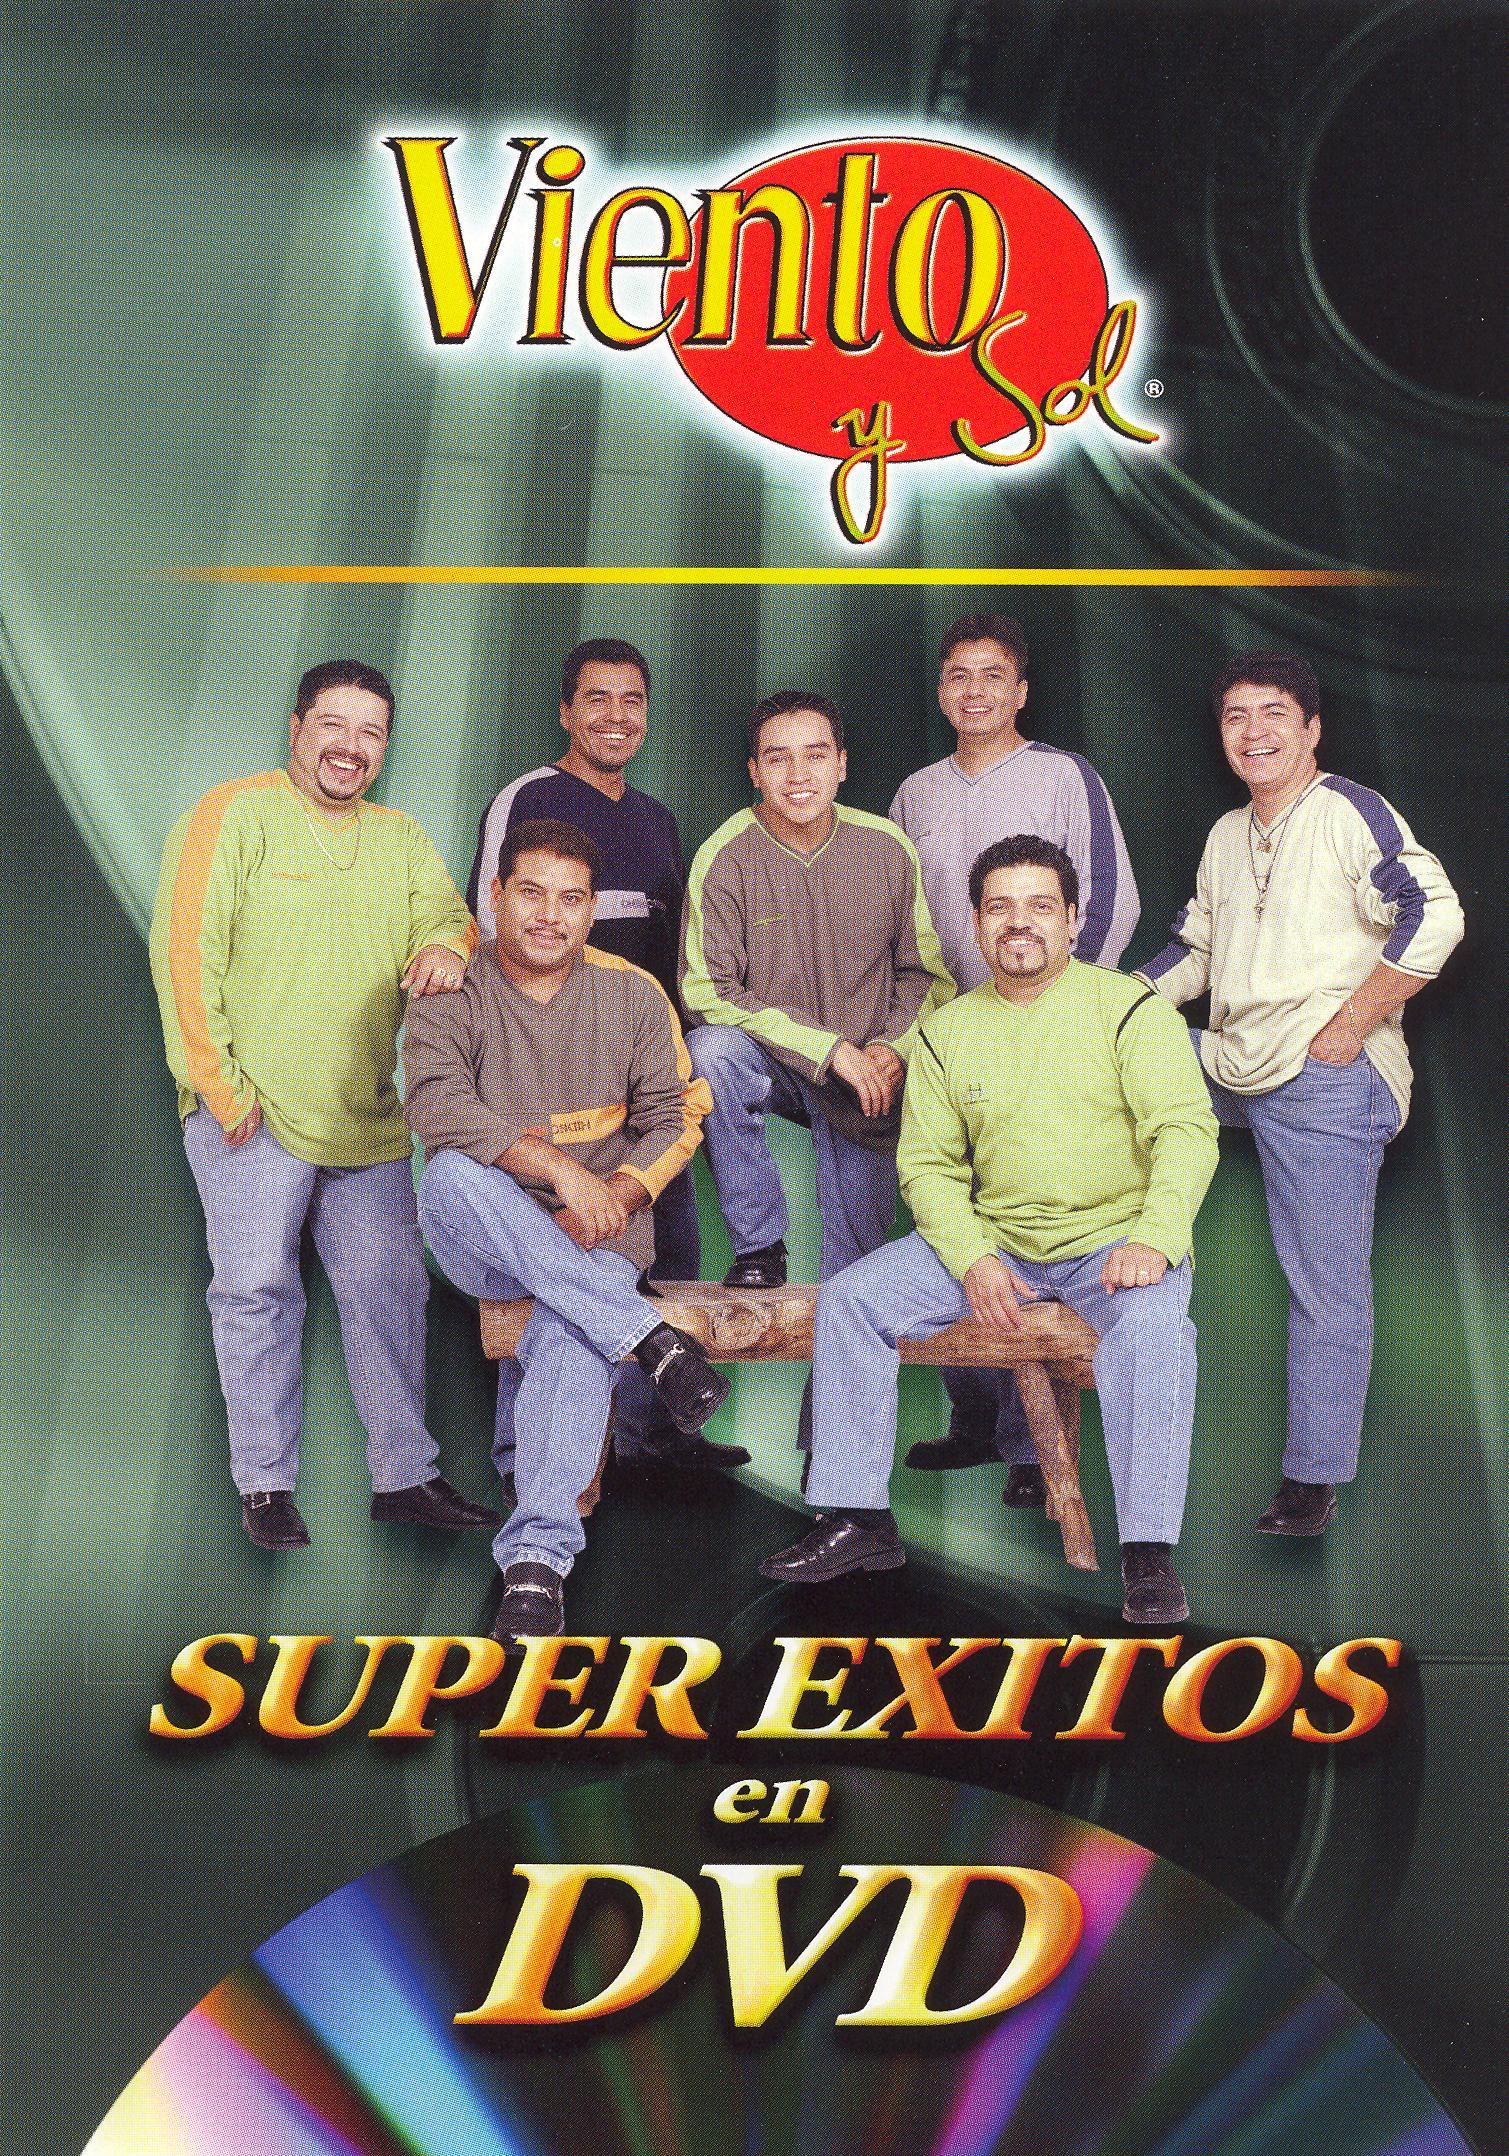 Super Exitos en DVD: Viento y Sol